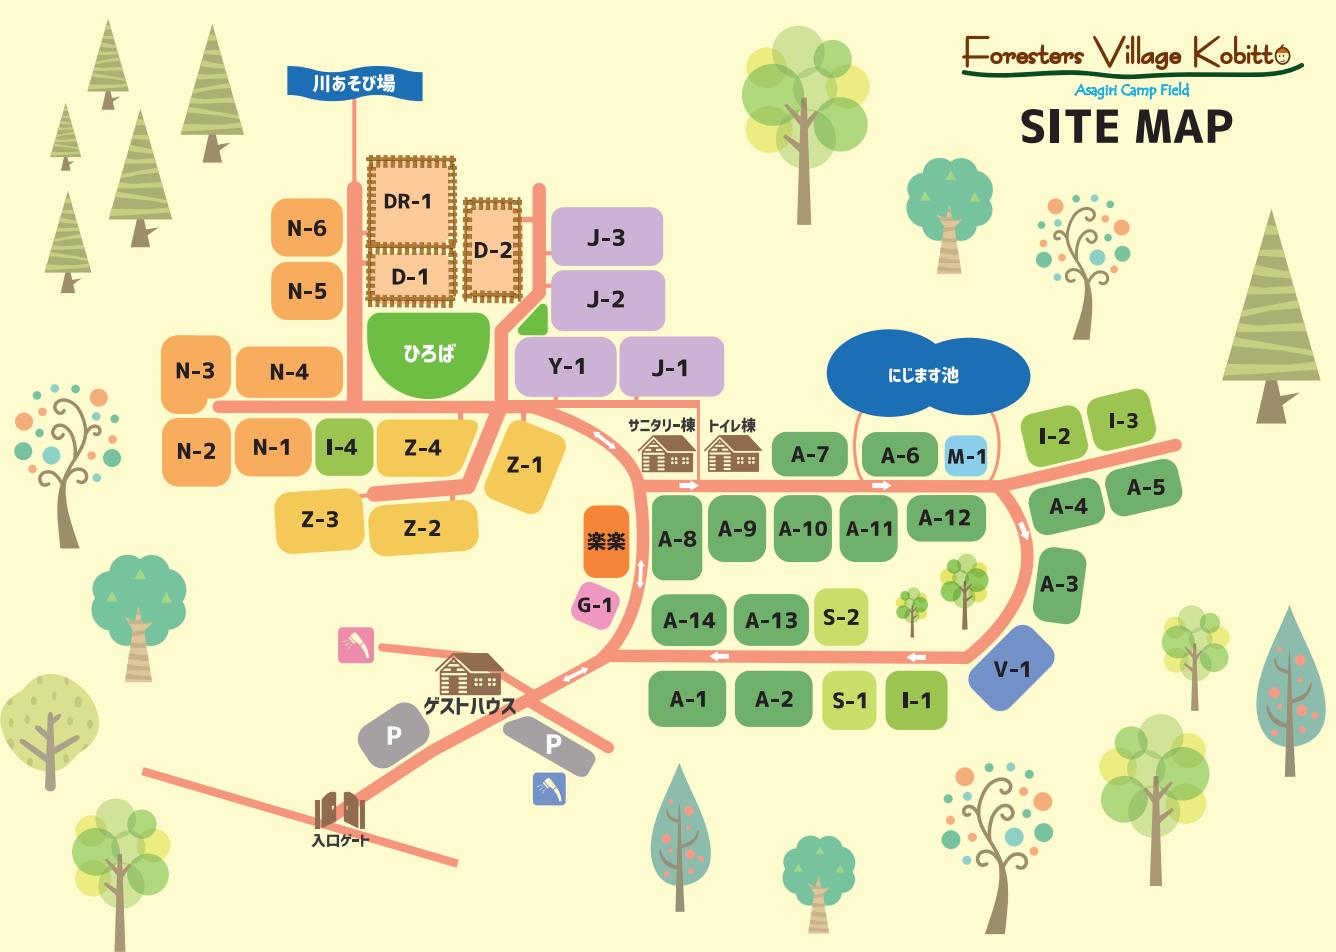 あさぎりキャンプフィールドサイトマップ